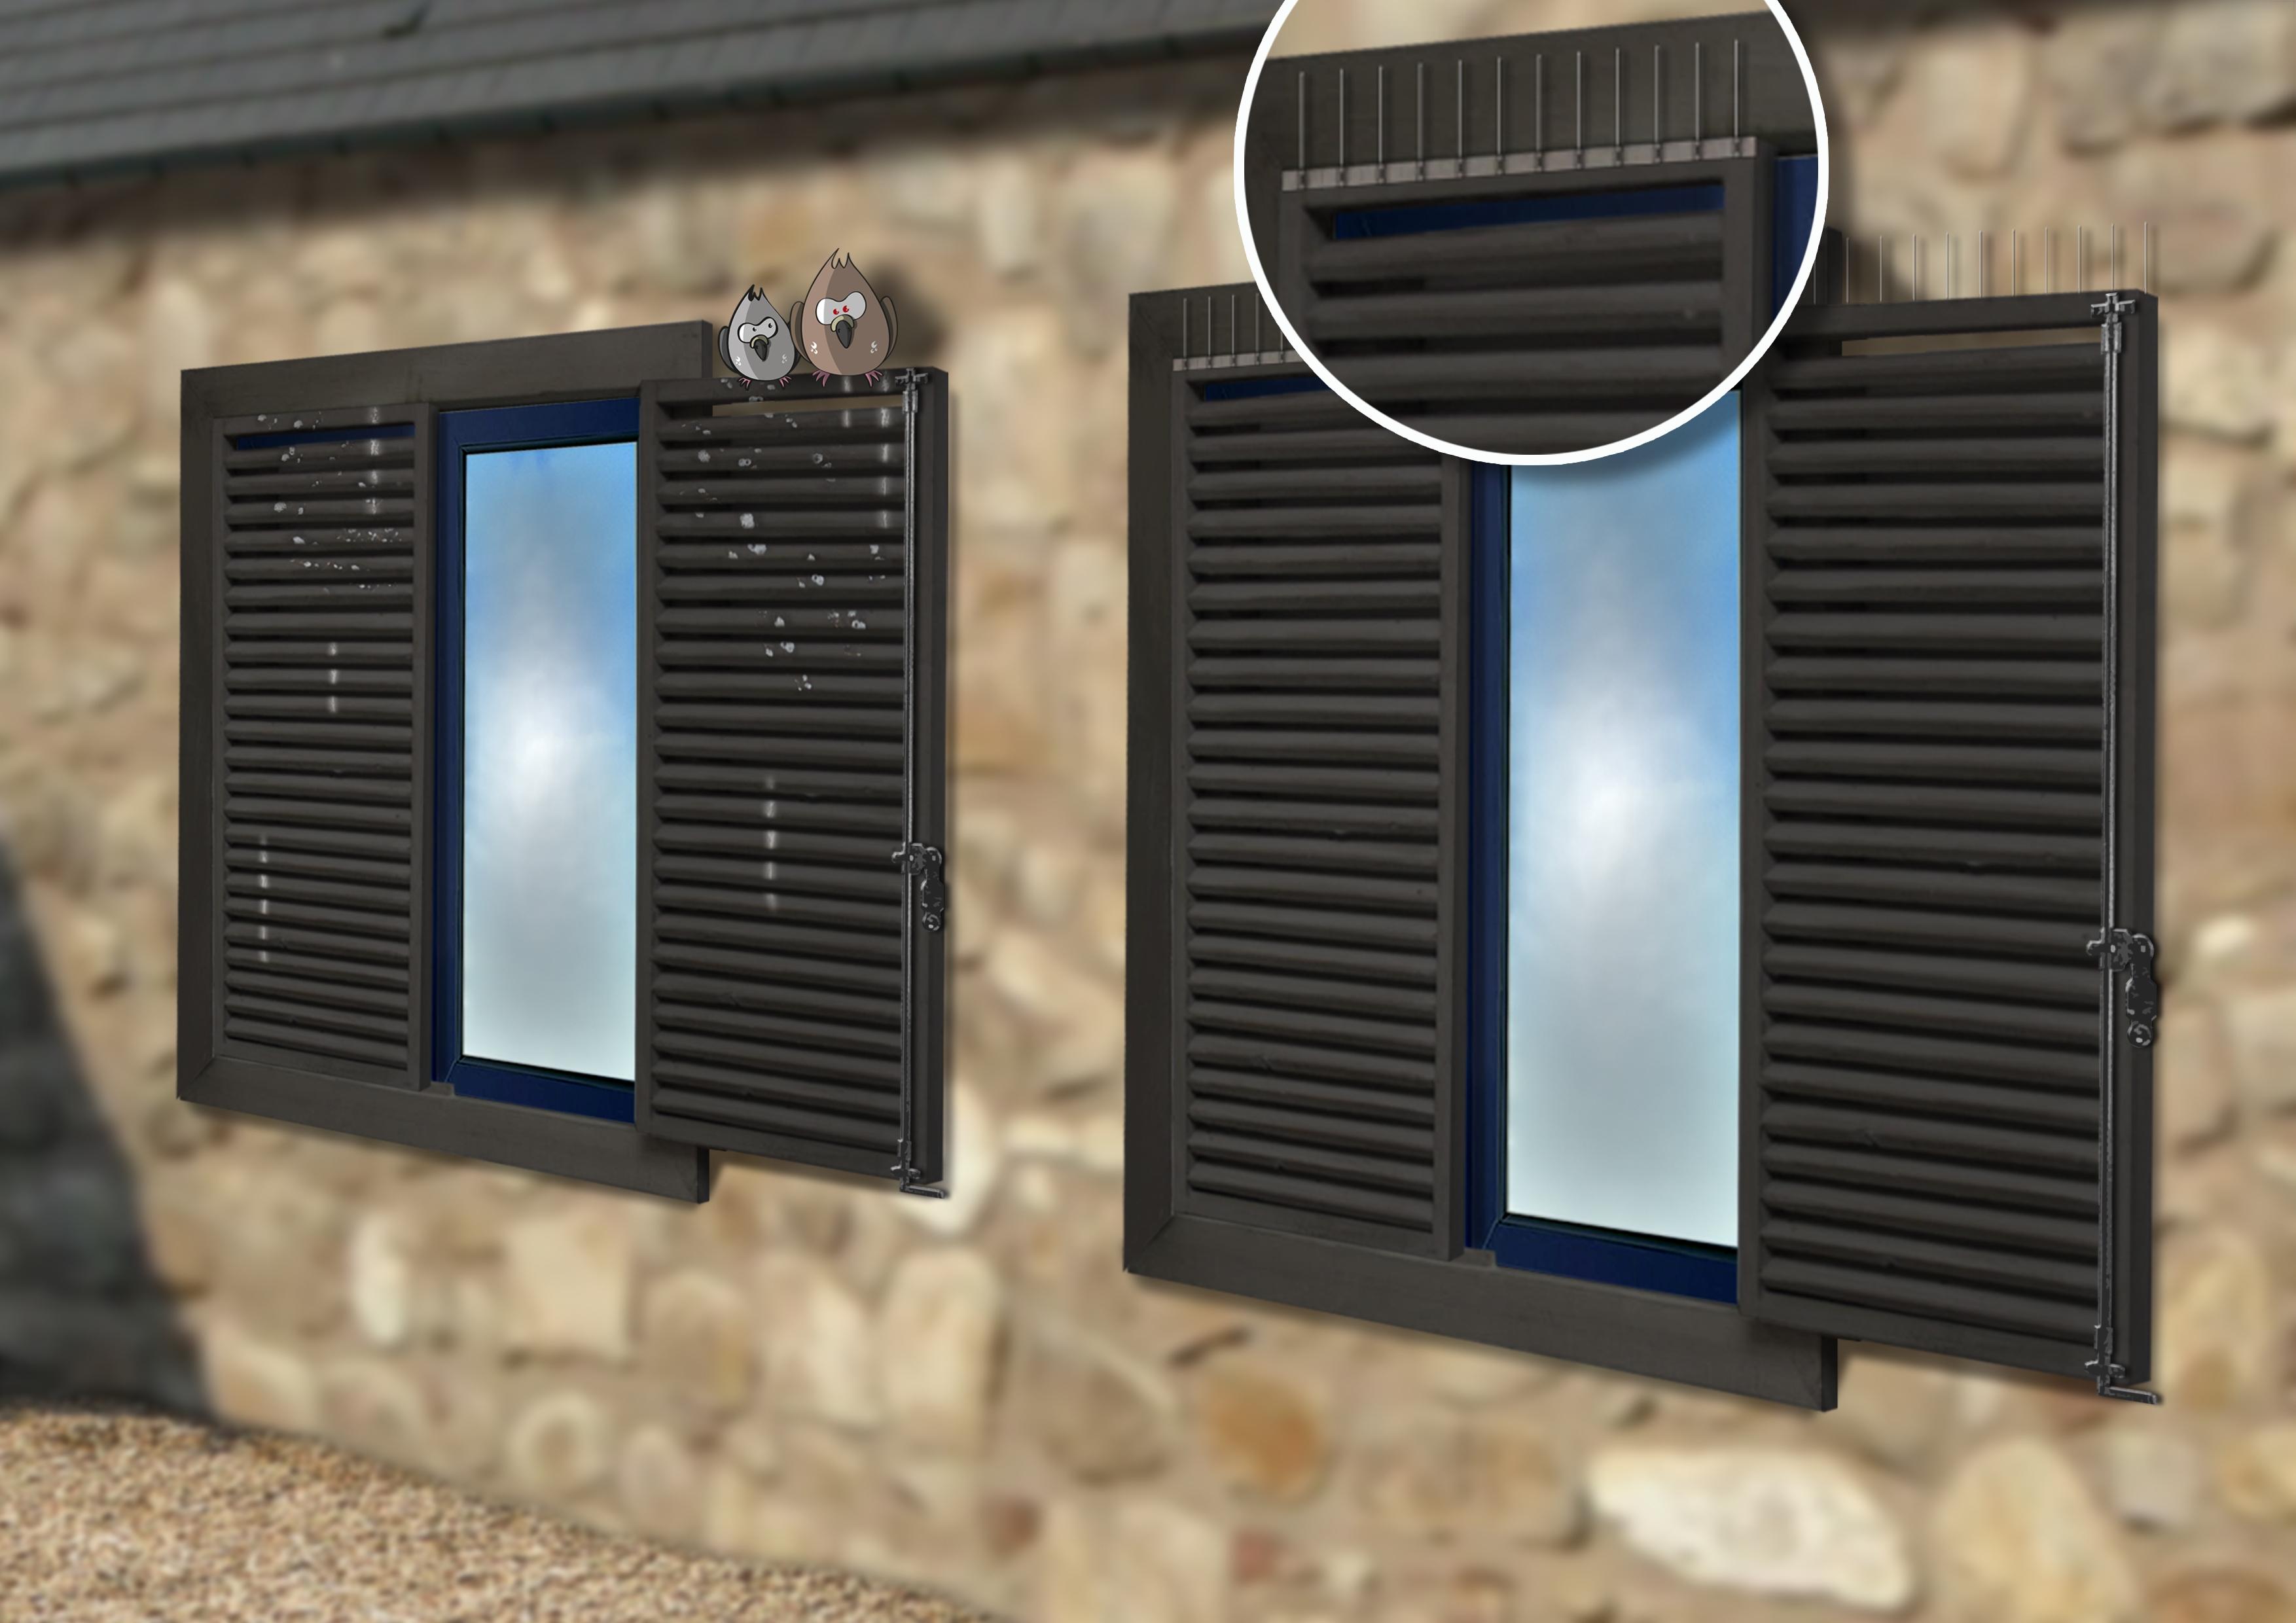 Systeme anti pigeons pour volets et panneaux solaires ecopic for Pics anti pigeons